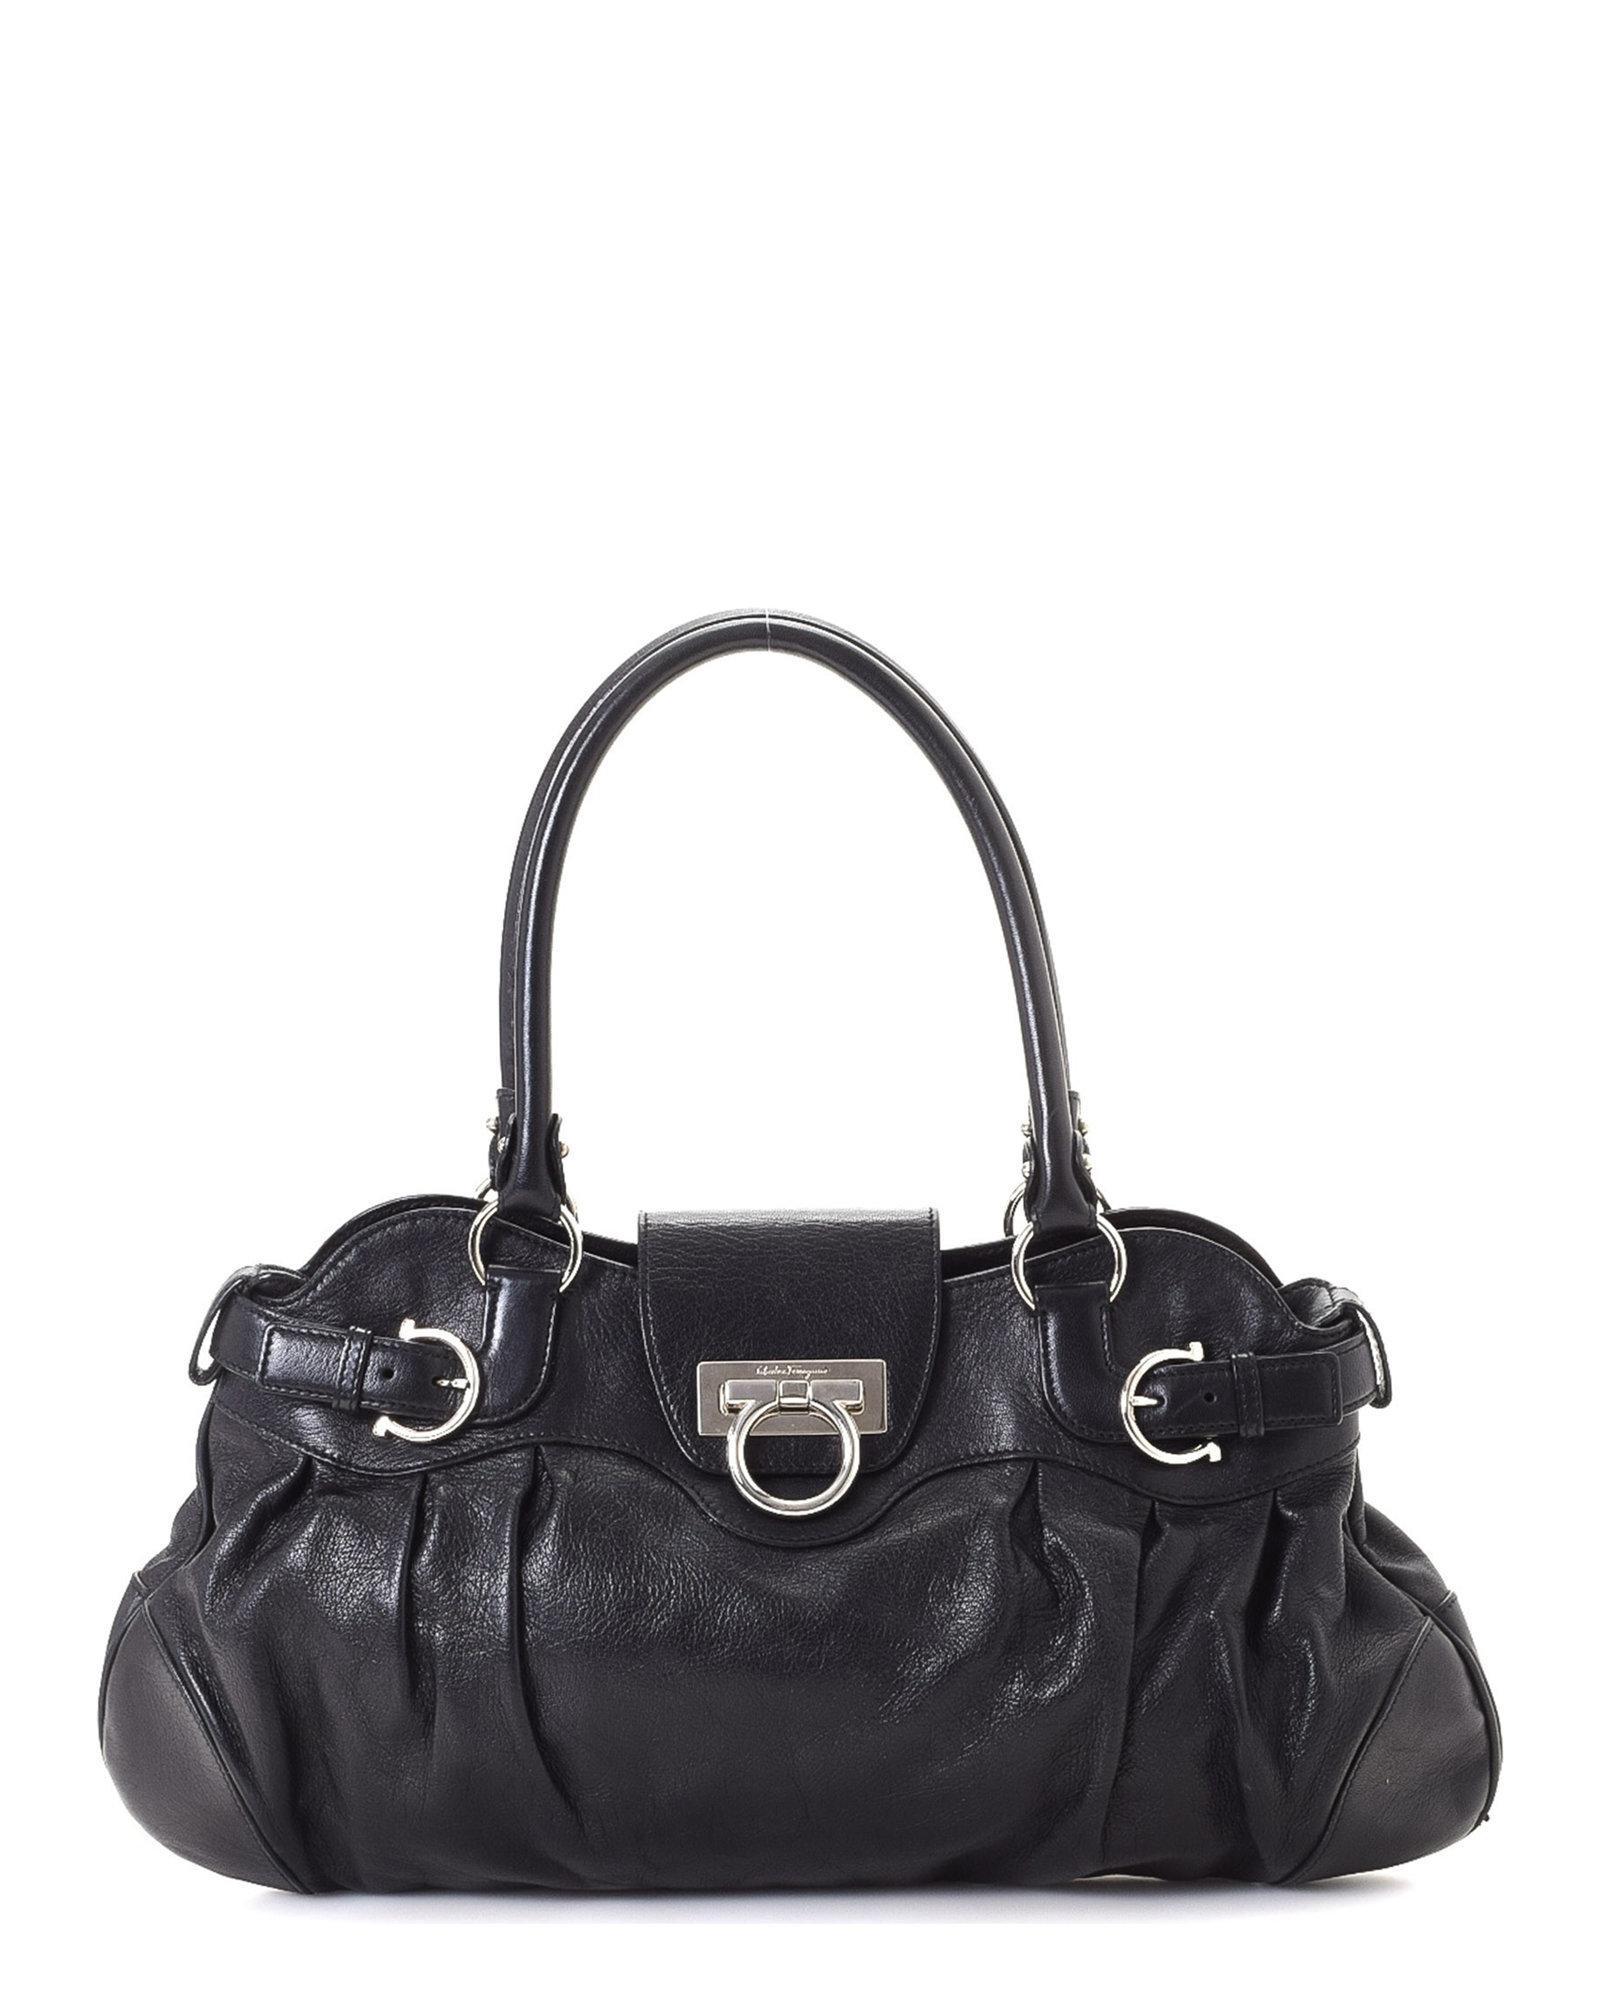 2ead5e1f8419 Lyst - Ferragamo Marisa Shoulder Bag - Vintage in Black